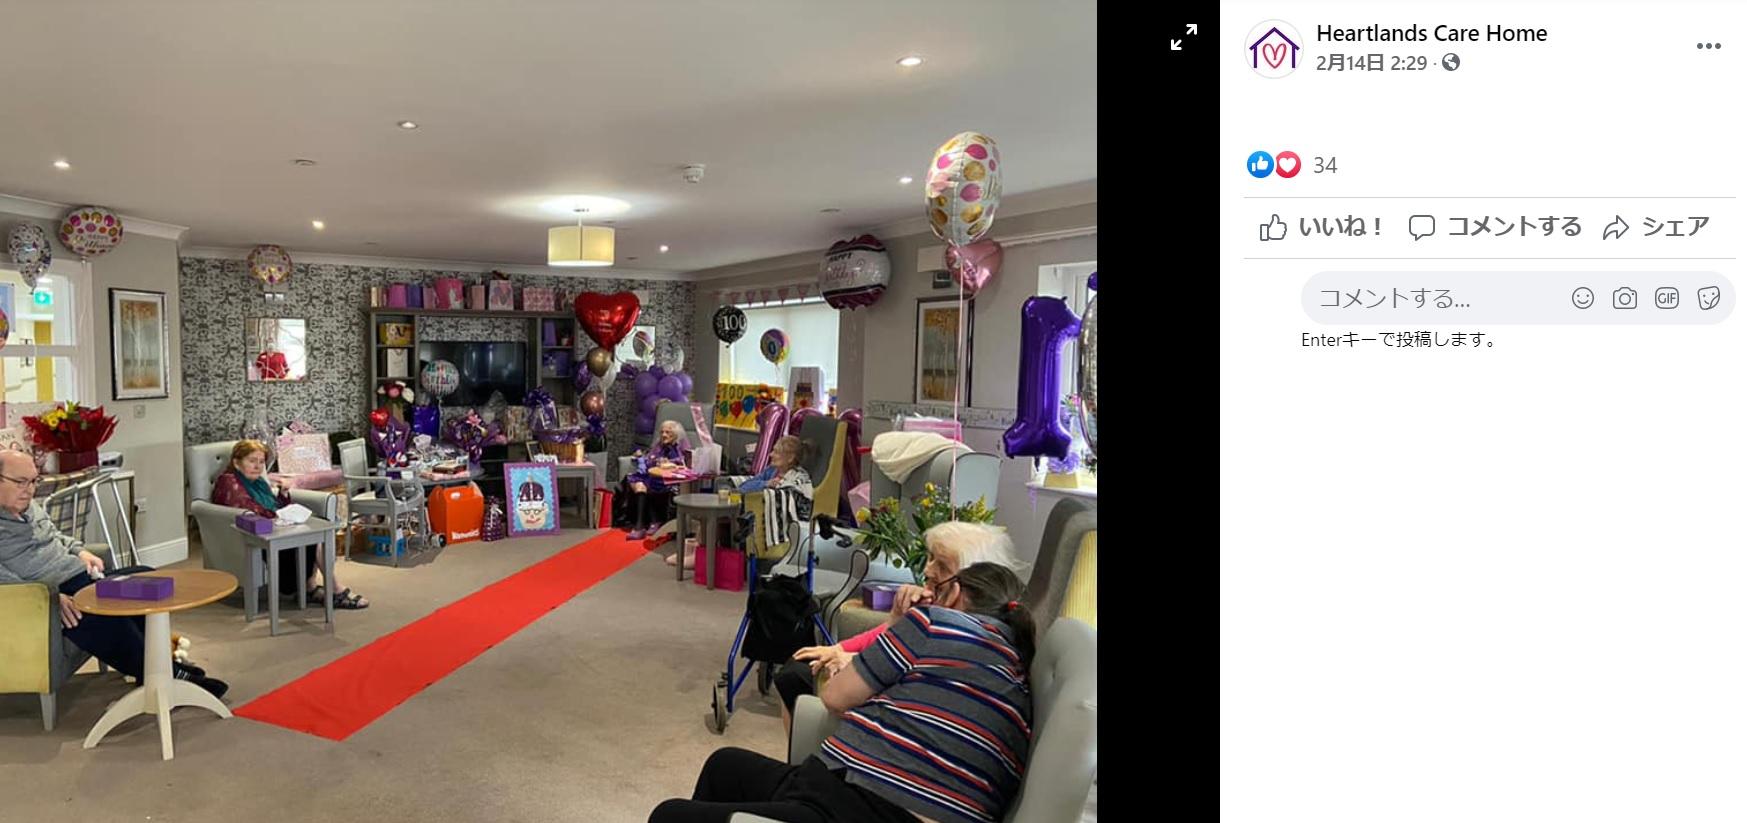 たくさんのプレゼントに囲まれ、入居者たちと共に誕生日を楽しんだリリアンさん(画像は『Heartlands Care Home 2021年2月14日付Facebook』のスクリーンショット)